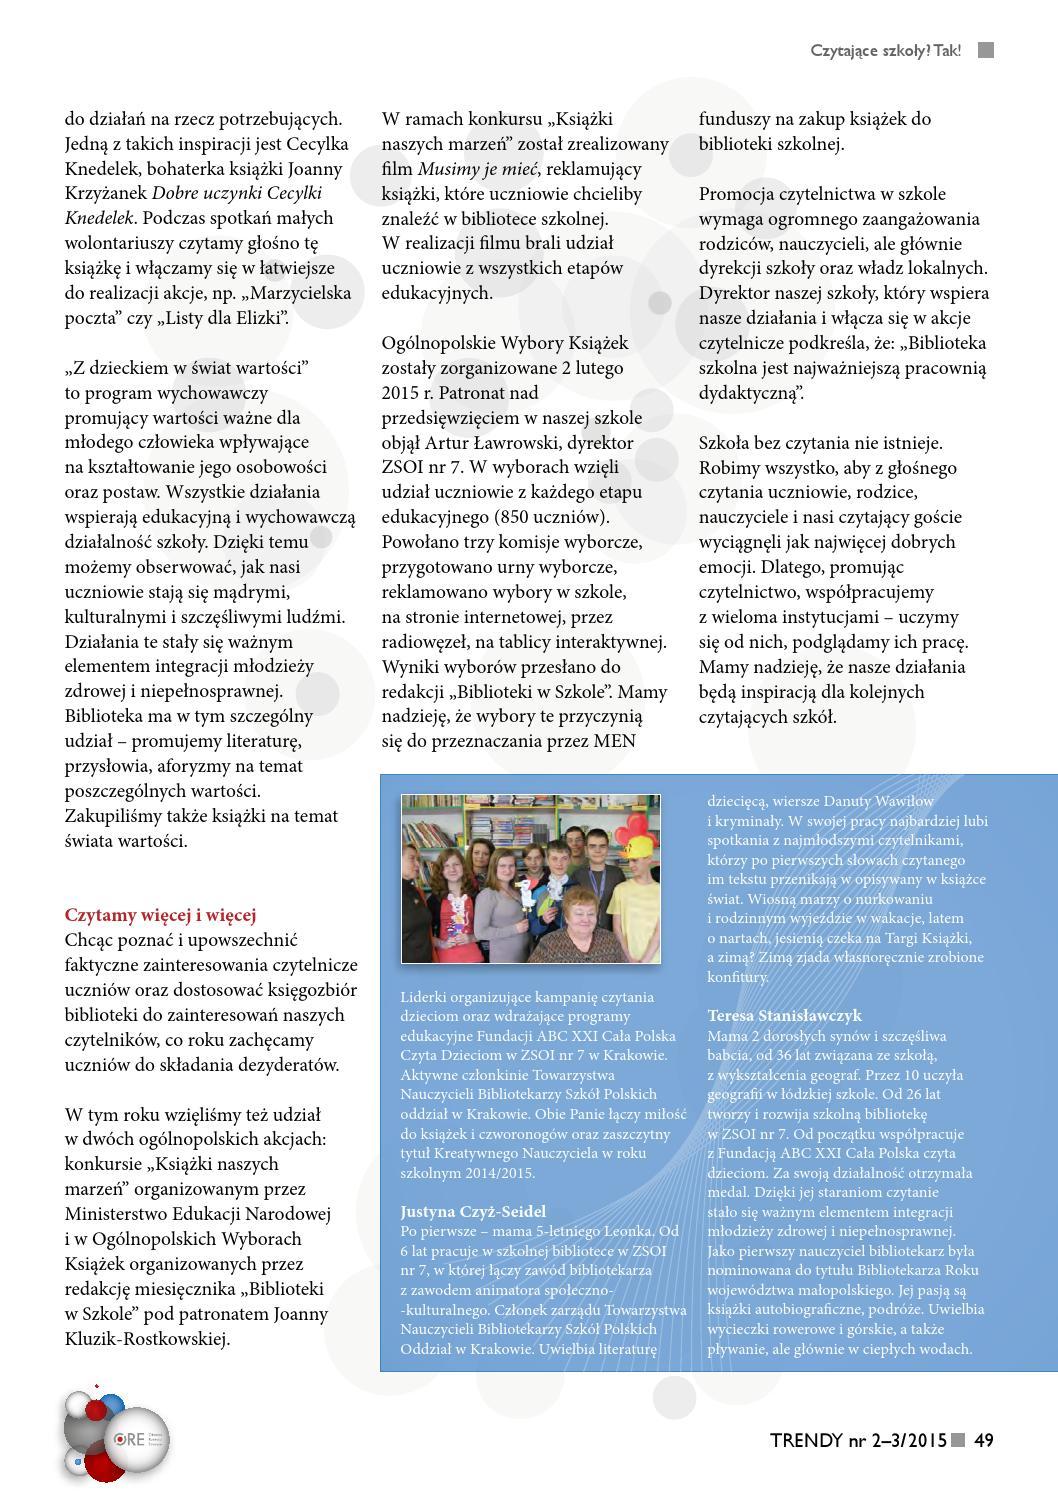 Trendy 2 32015 By Ośrodek Rozwoju Edukacji Issuu